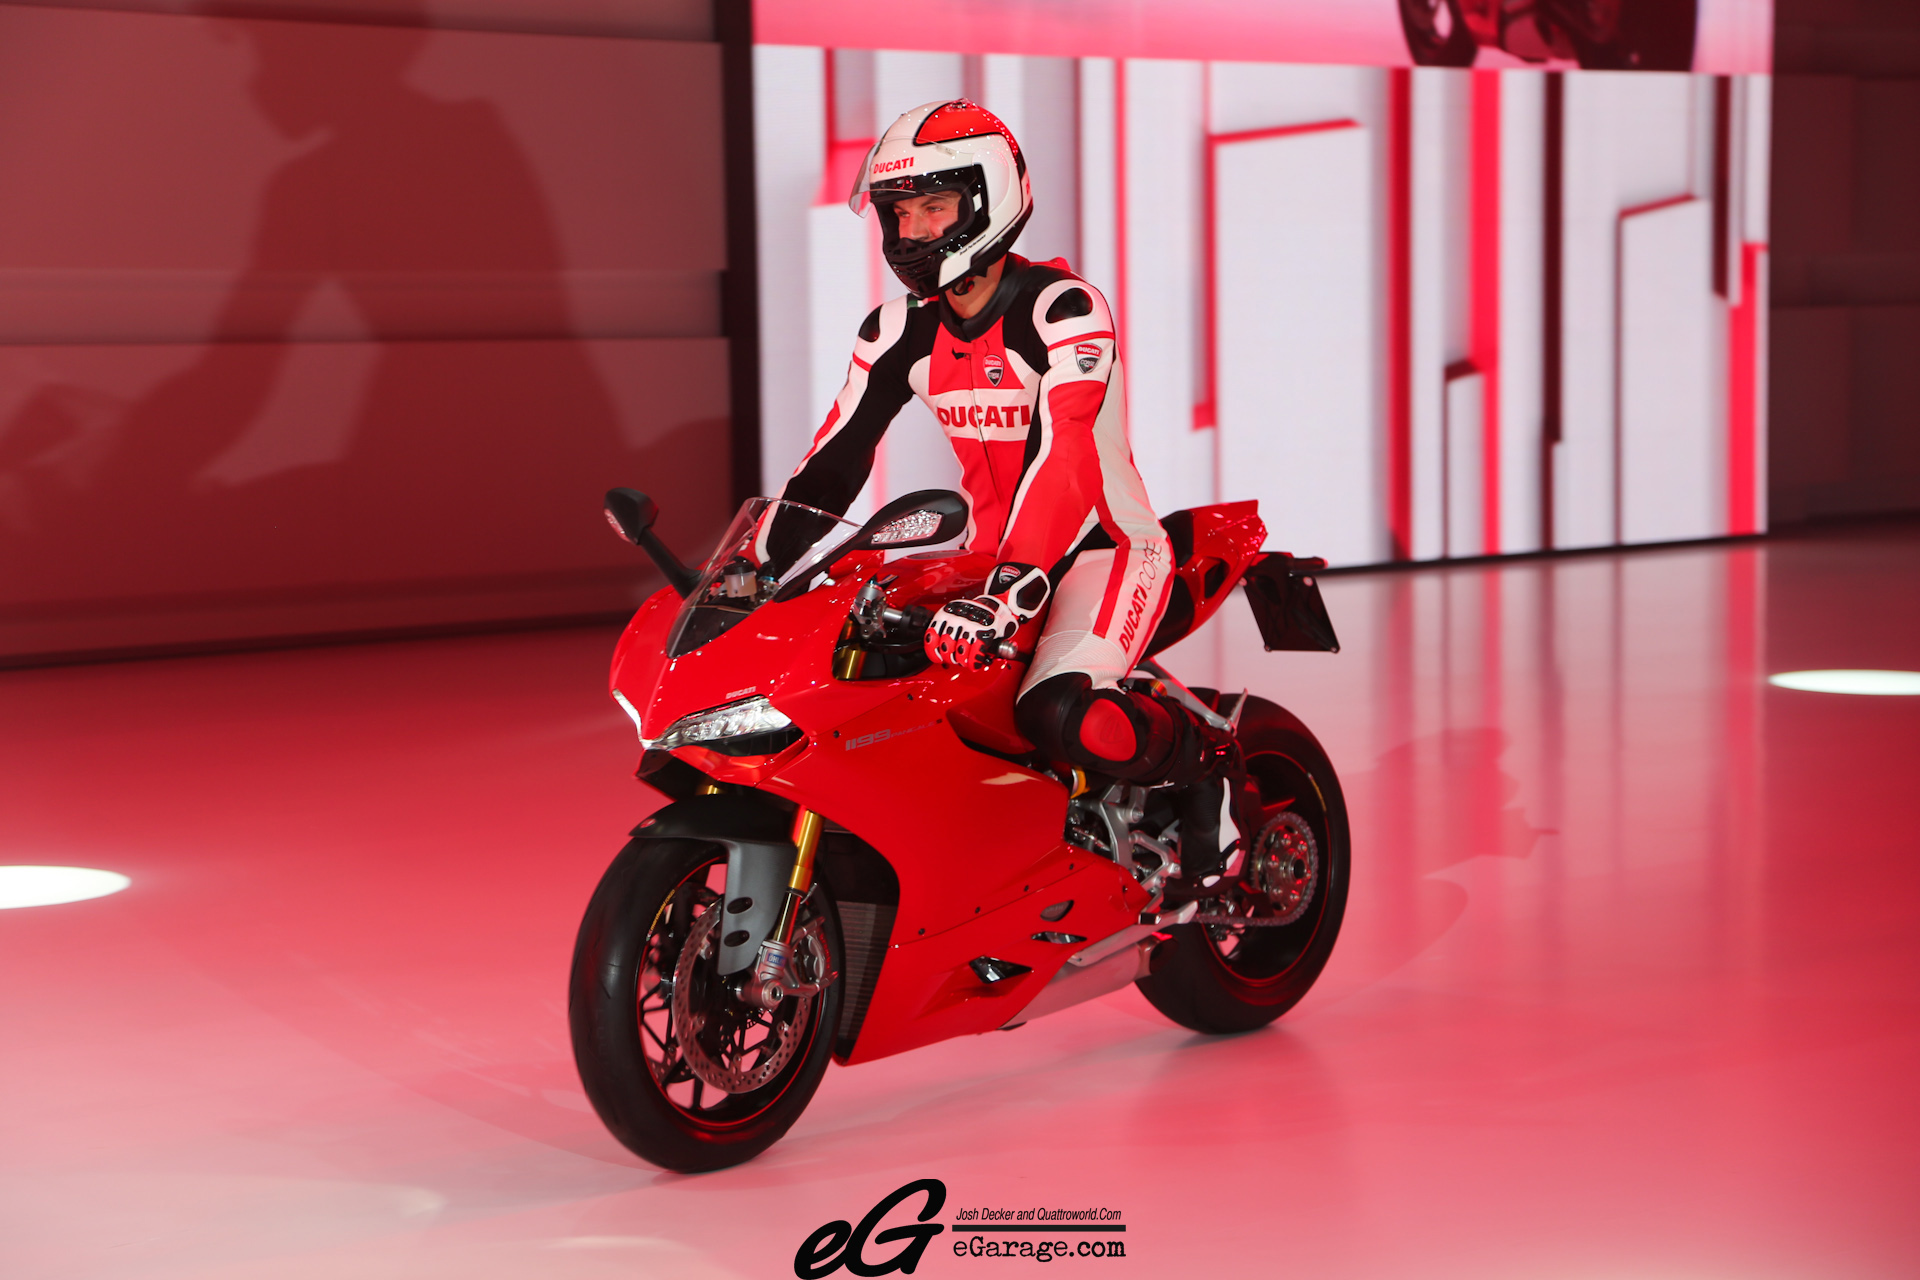 8030391447 87fdddce89 o 2012 Paris Motor Show